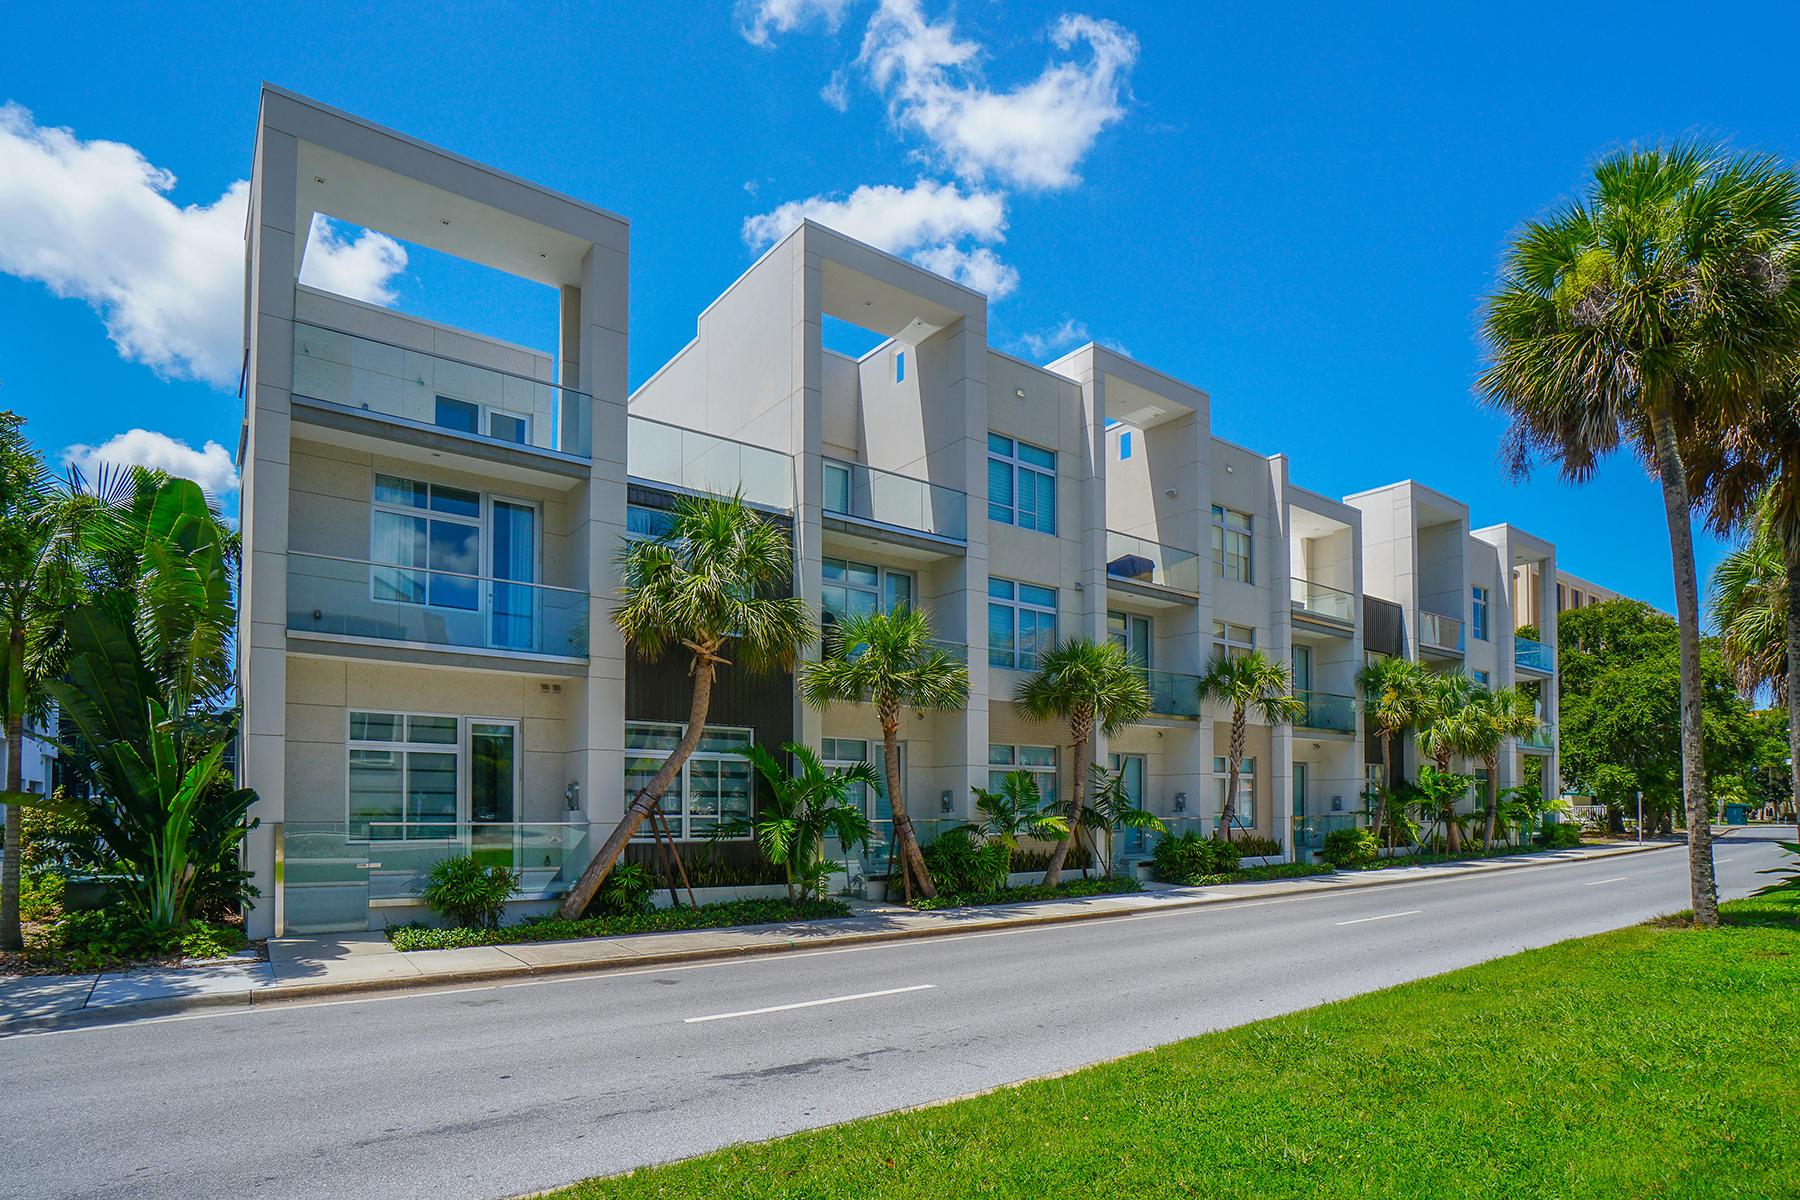 联栋屋 为 销售 在 Q - DOWNTOWN SARASOTA 225 Cosmopolitan Ct 萨拉索塔, 佛罗里达州, 34236 美国